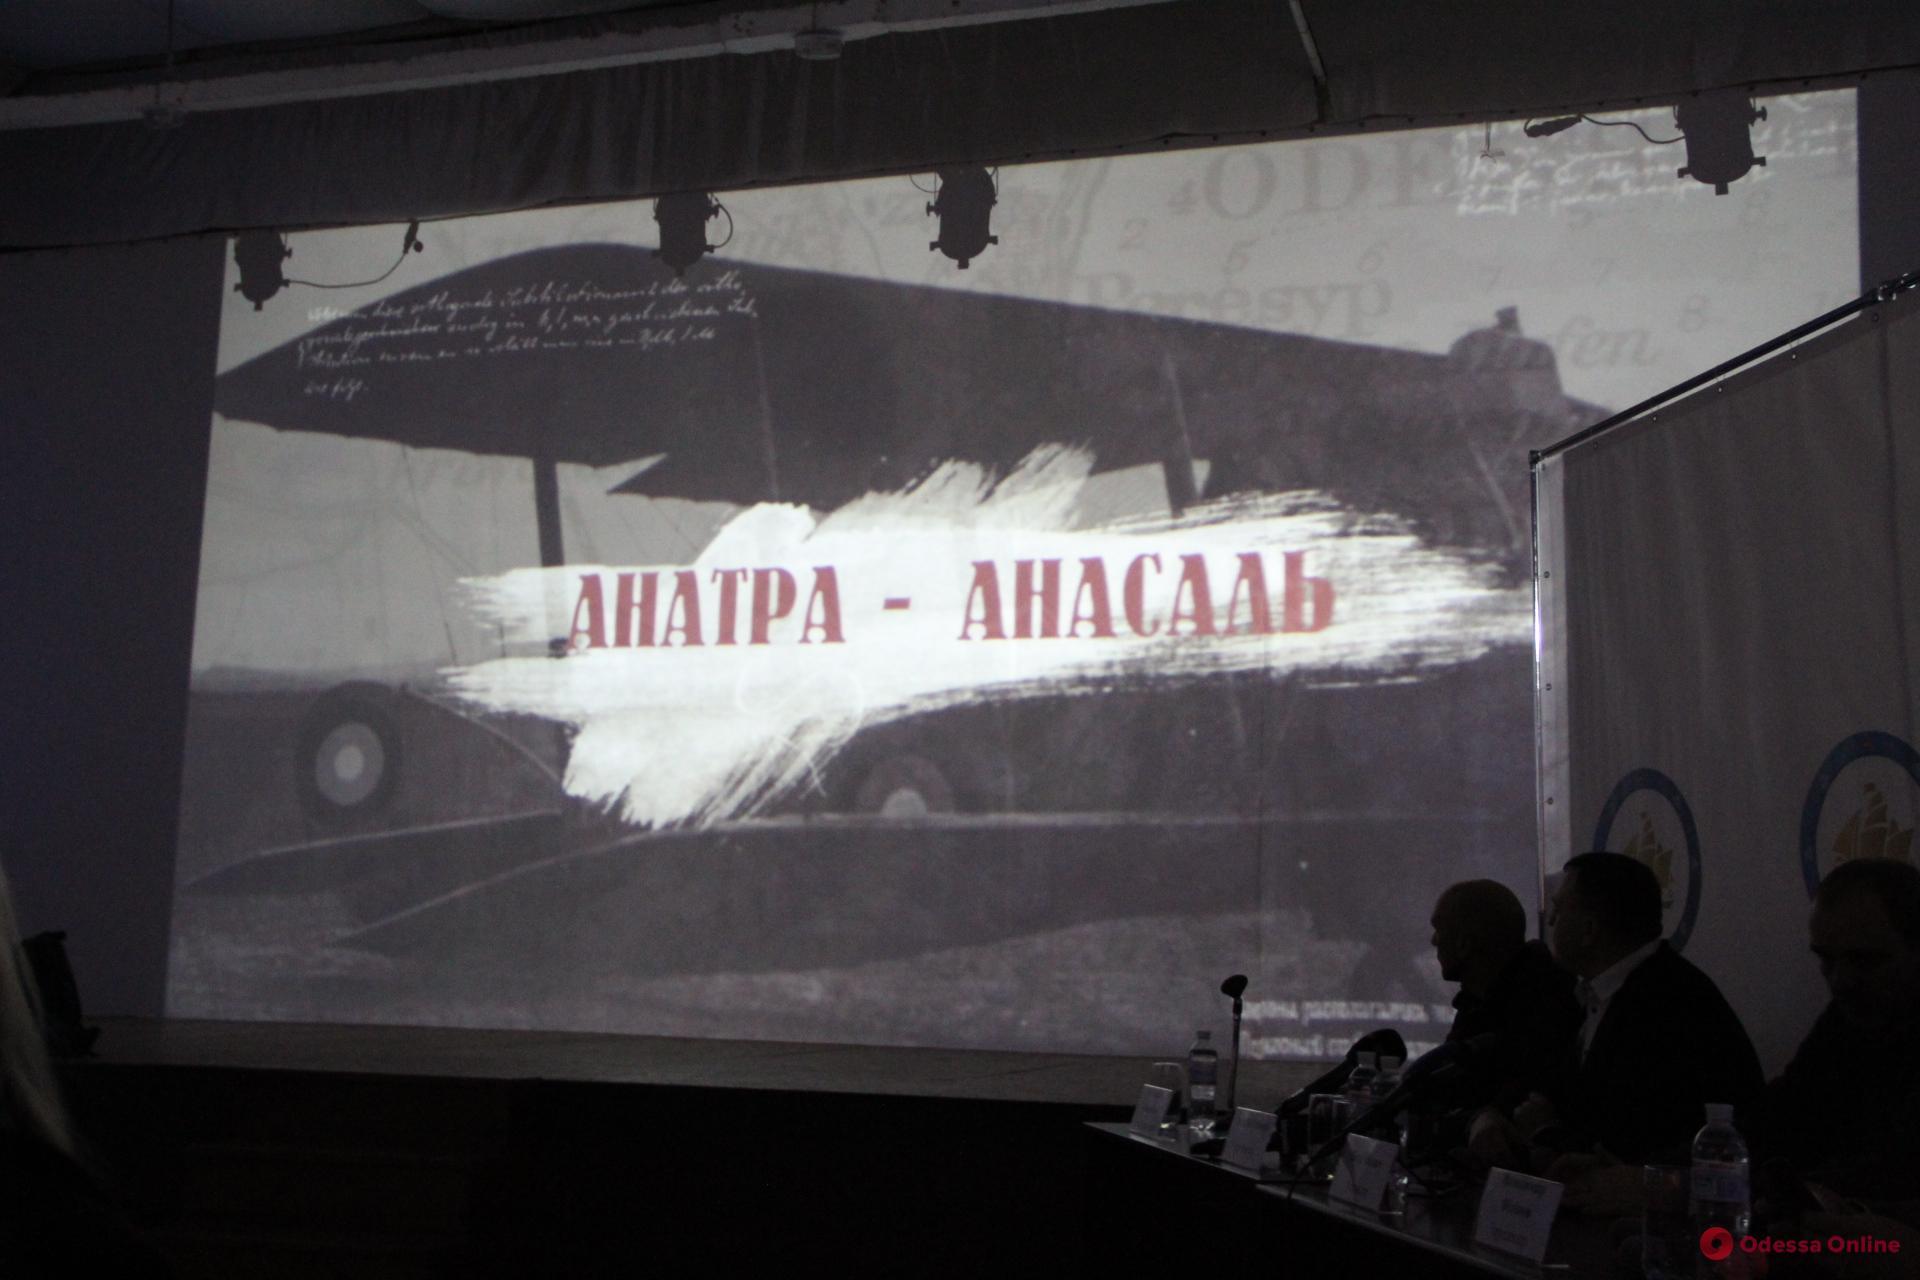 В Одессе снимут сериал о знаменитом самолете «Анатра-Анасаль»